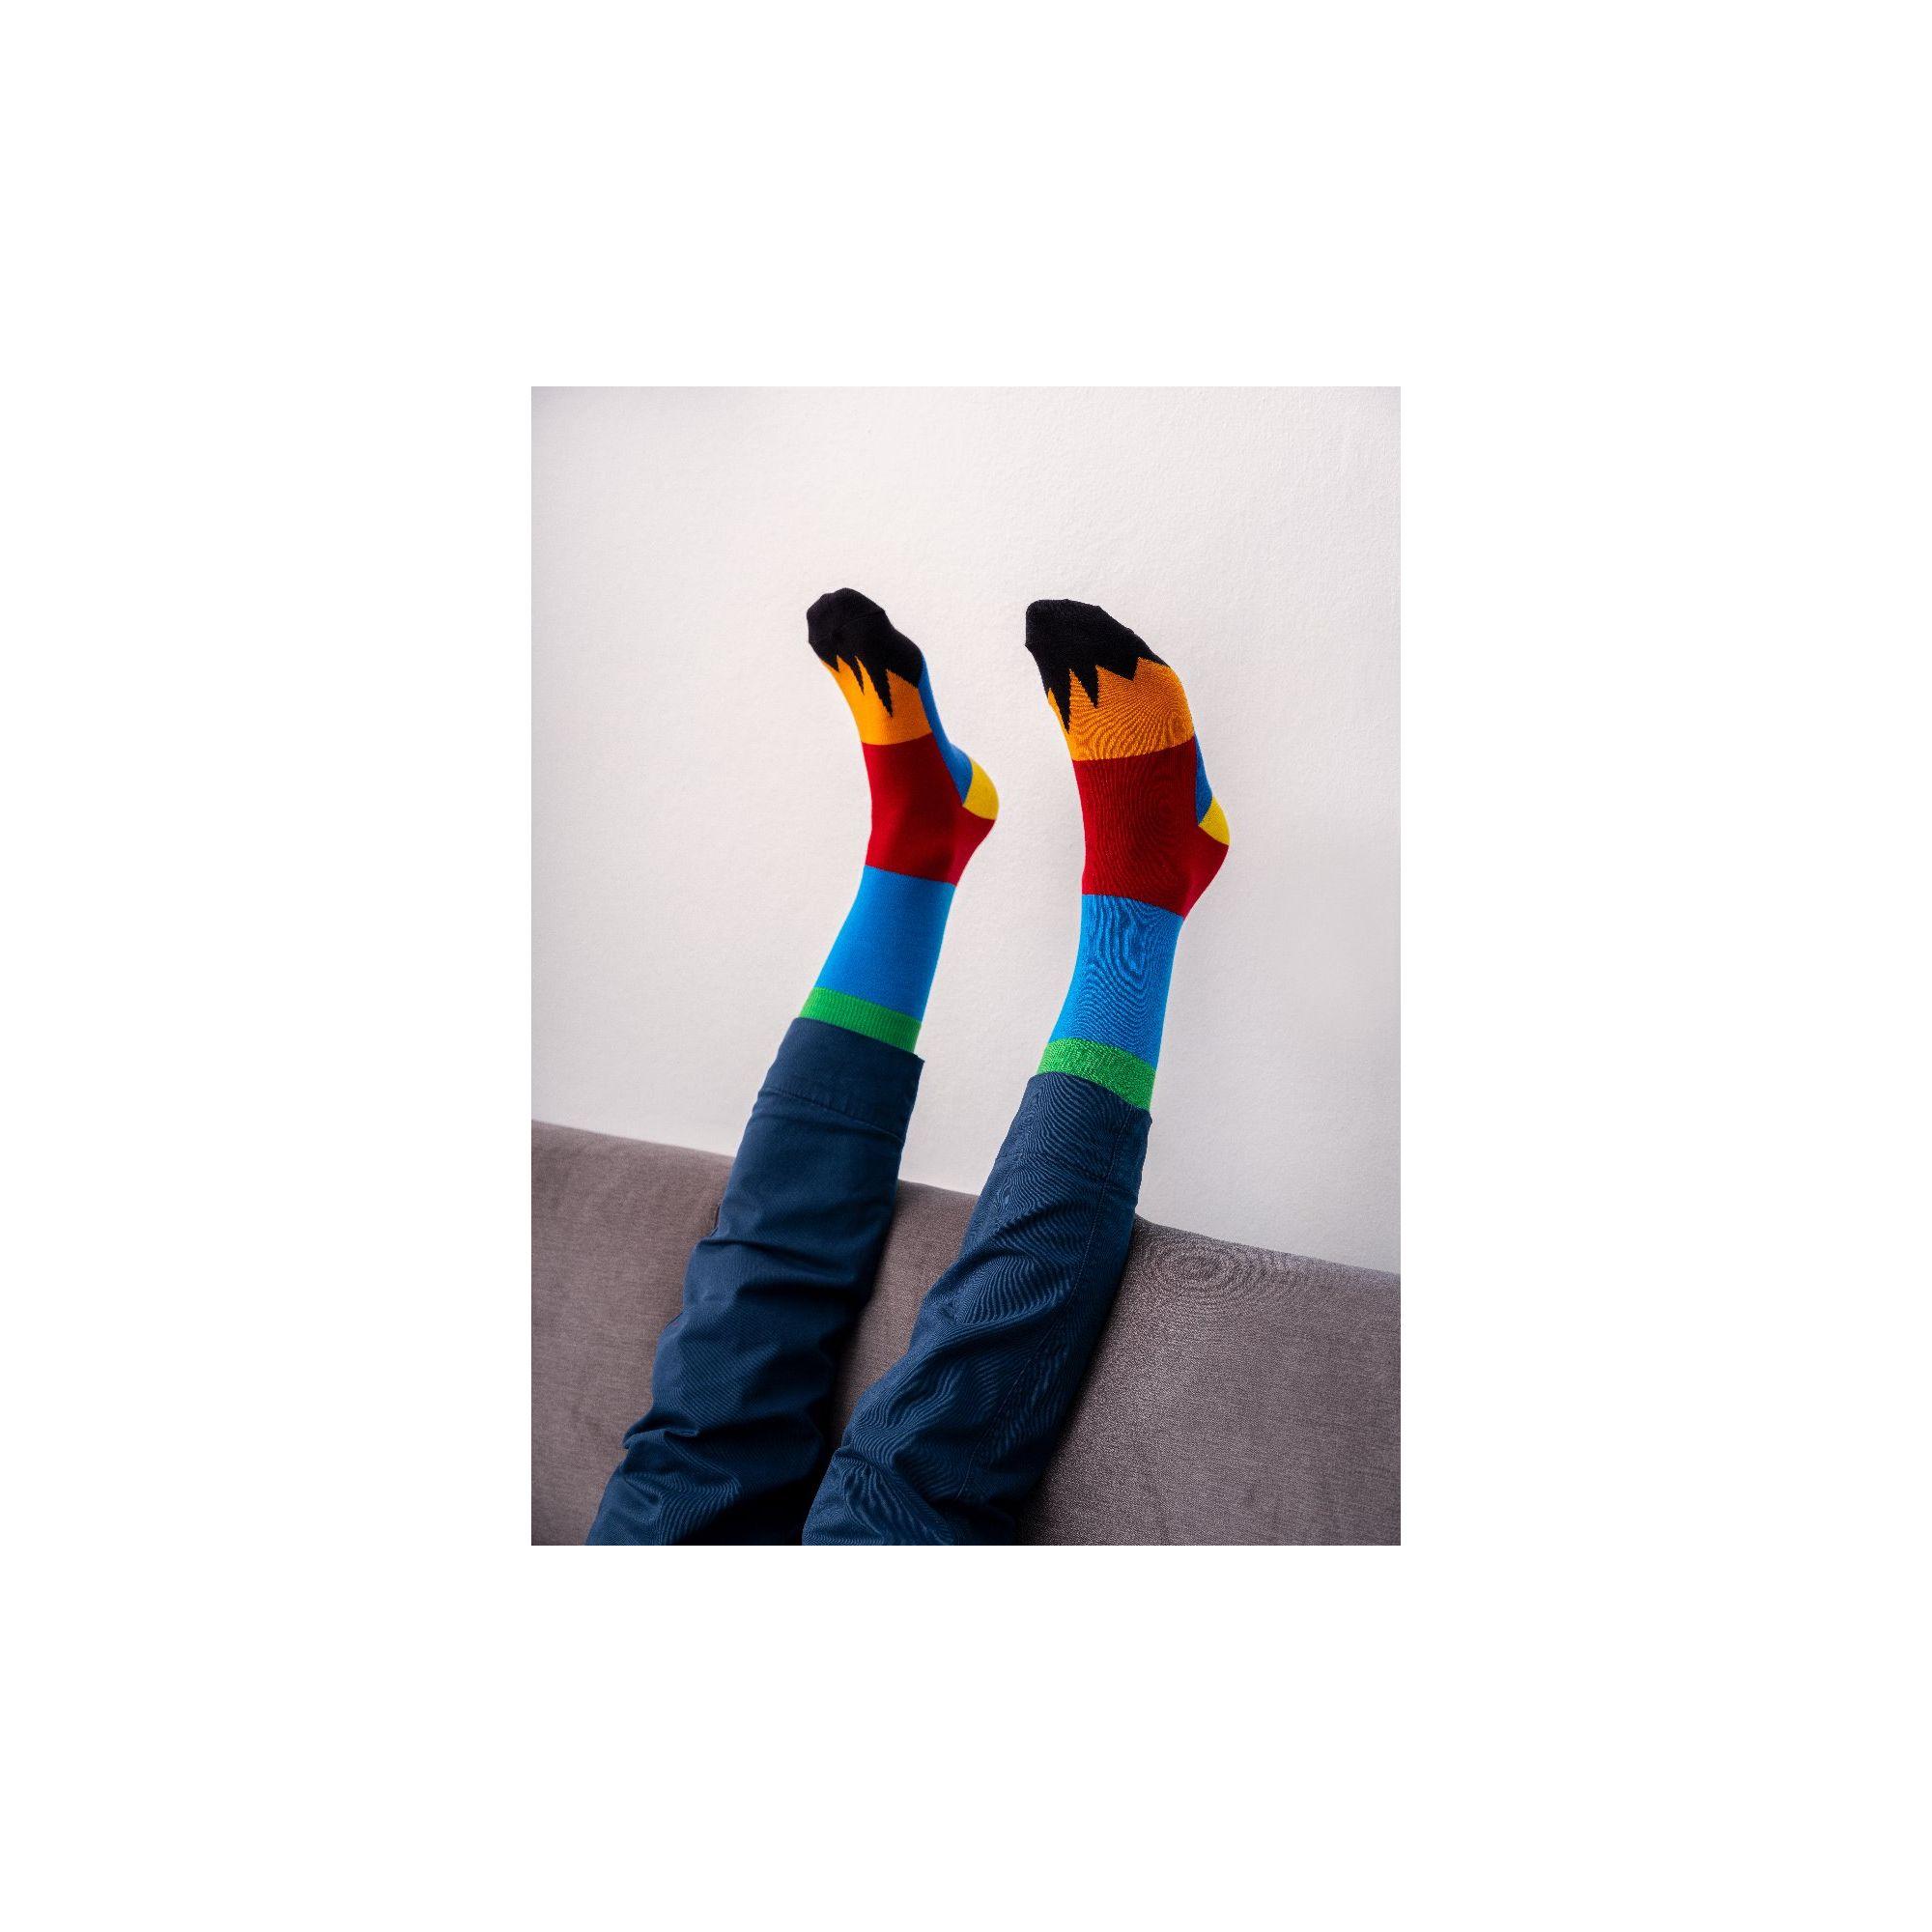 PATCHWORK SOCKS LIGHT BLUE/RED